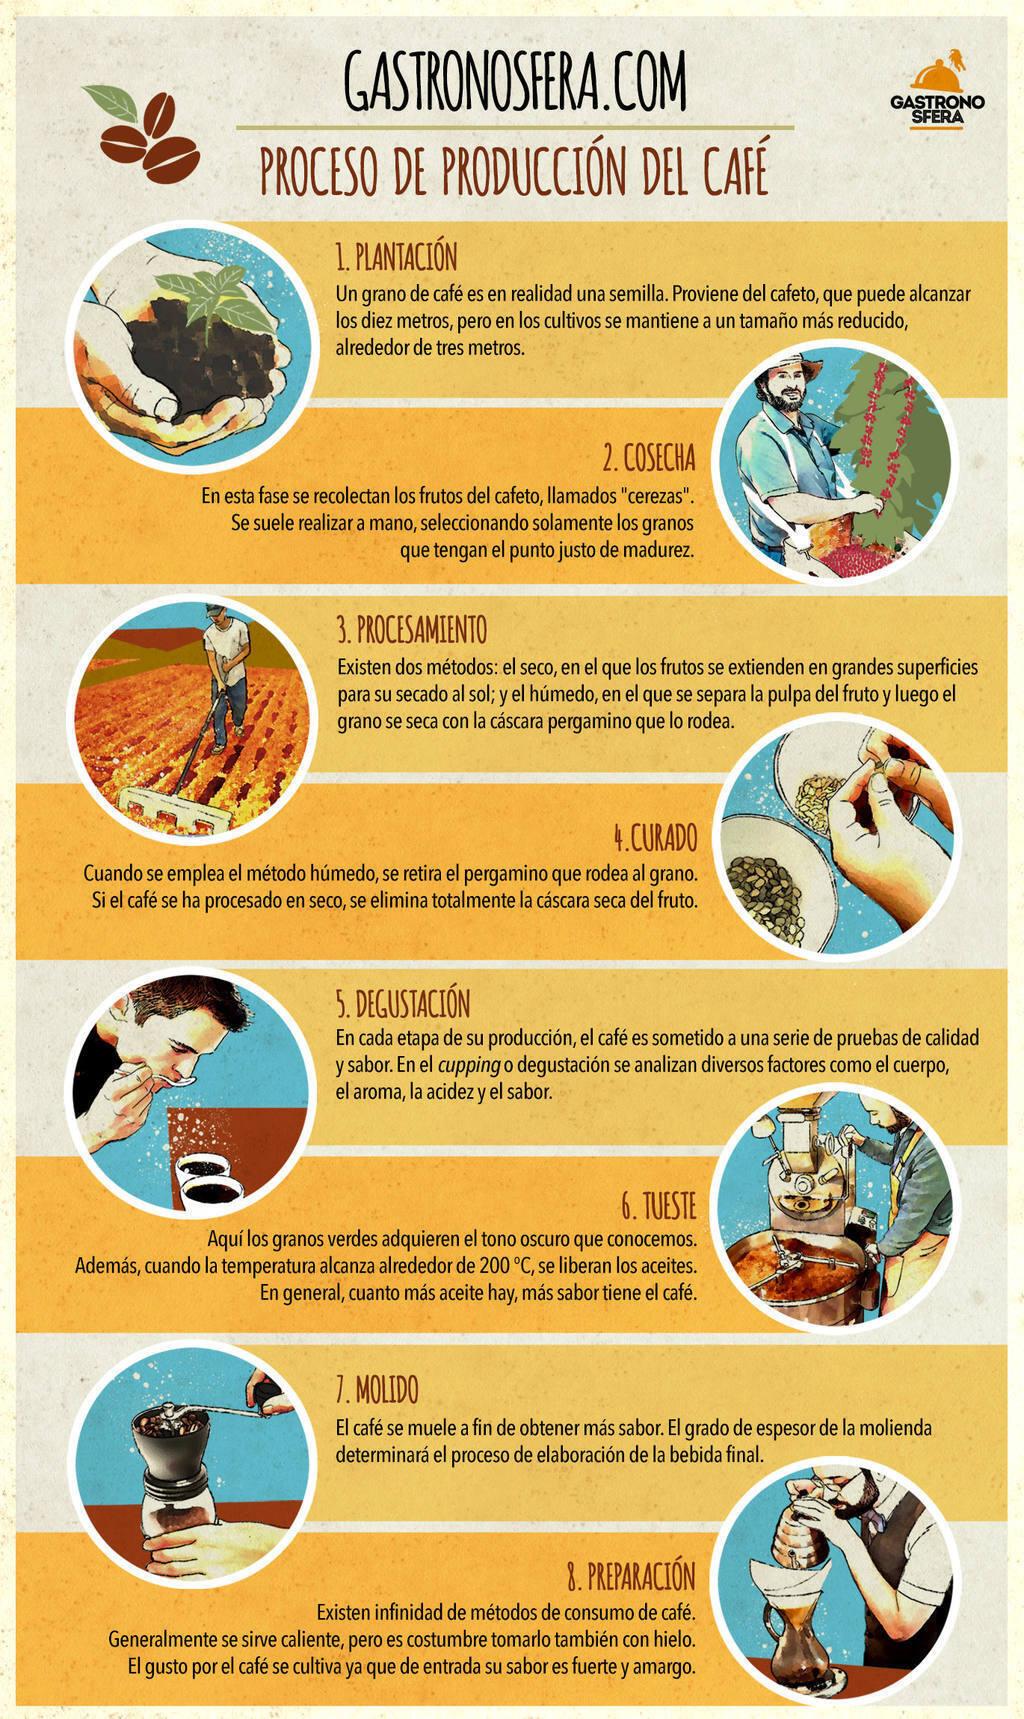 El proceso de producci n del caf en 8 pasos gastronosfera for Descripcion del proceso de produccion